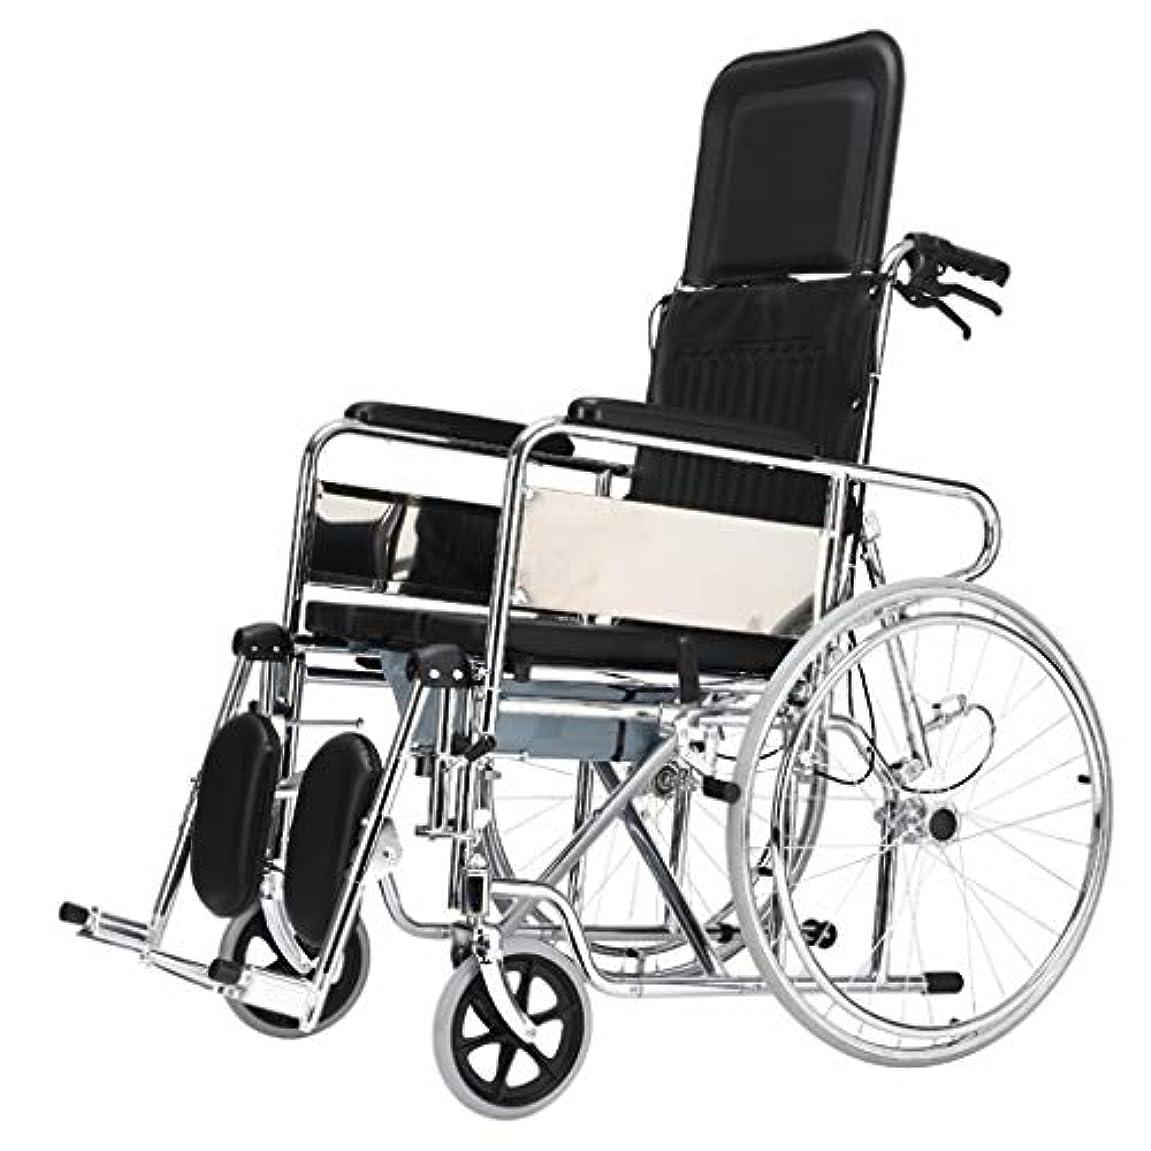 値するリムライバル車椅子トロリー屋外旅行パートナー、多機能フルレイ/セミライニングデザイン、高齢者障害者車椅子